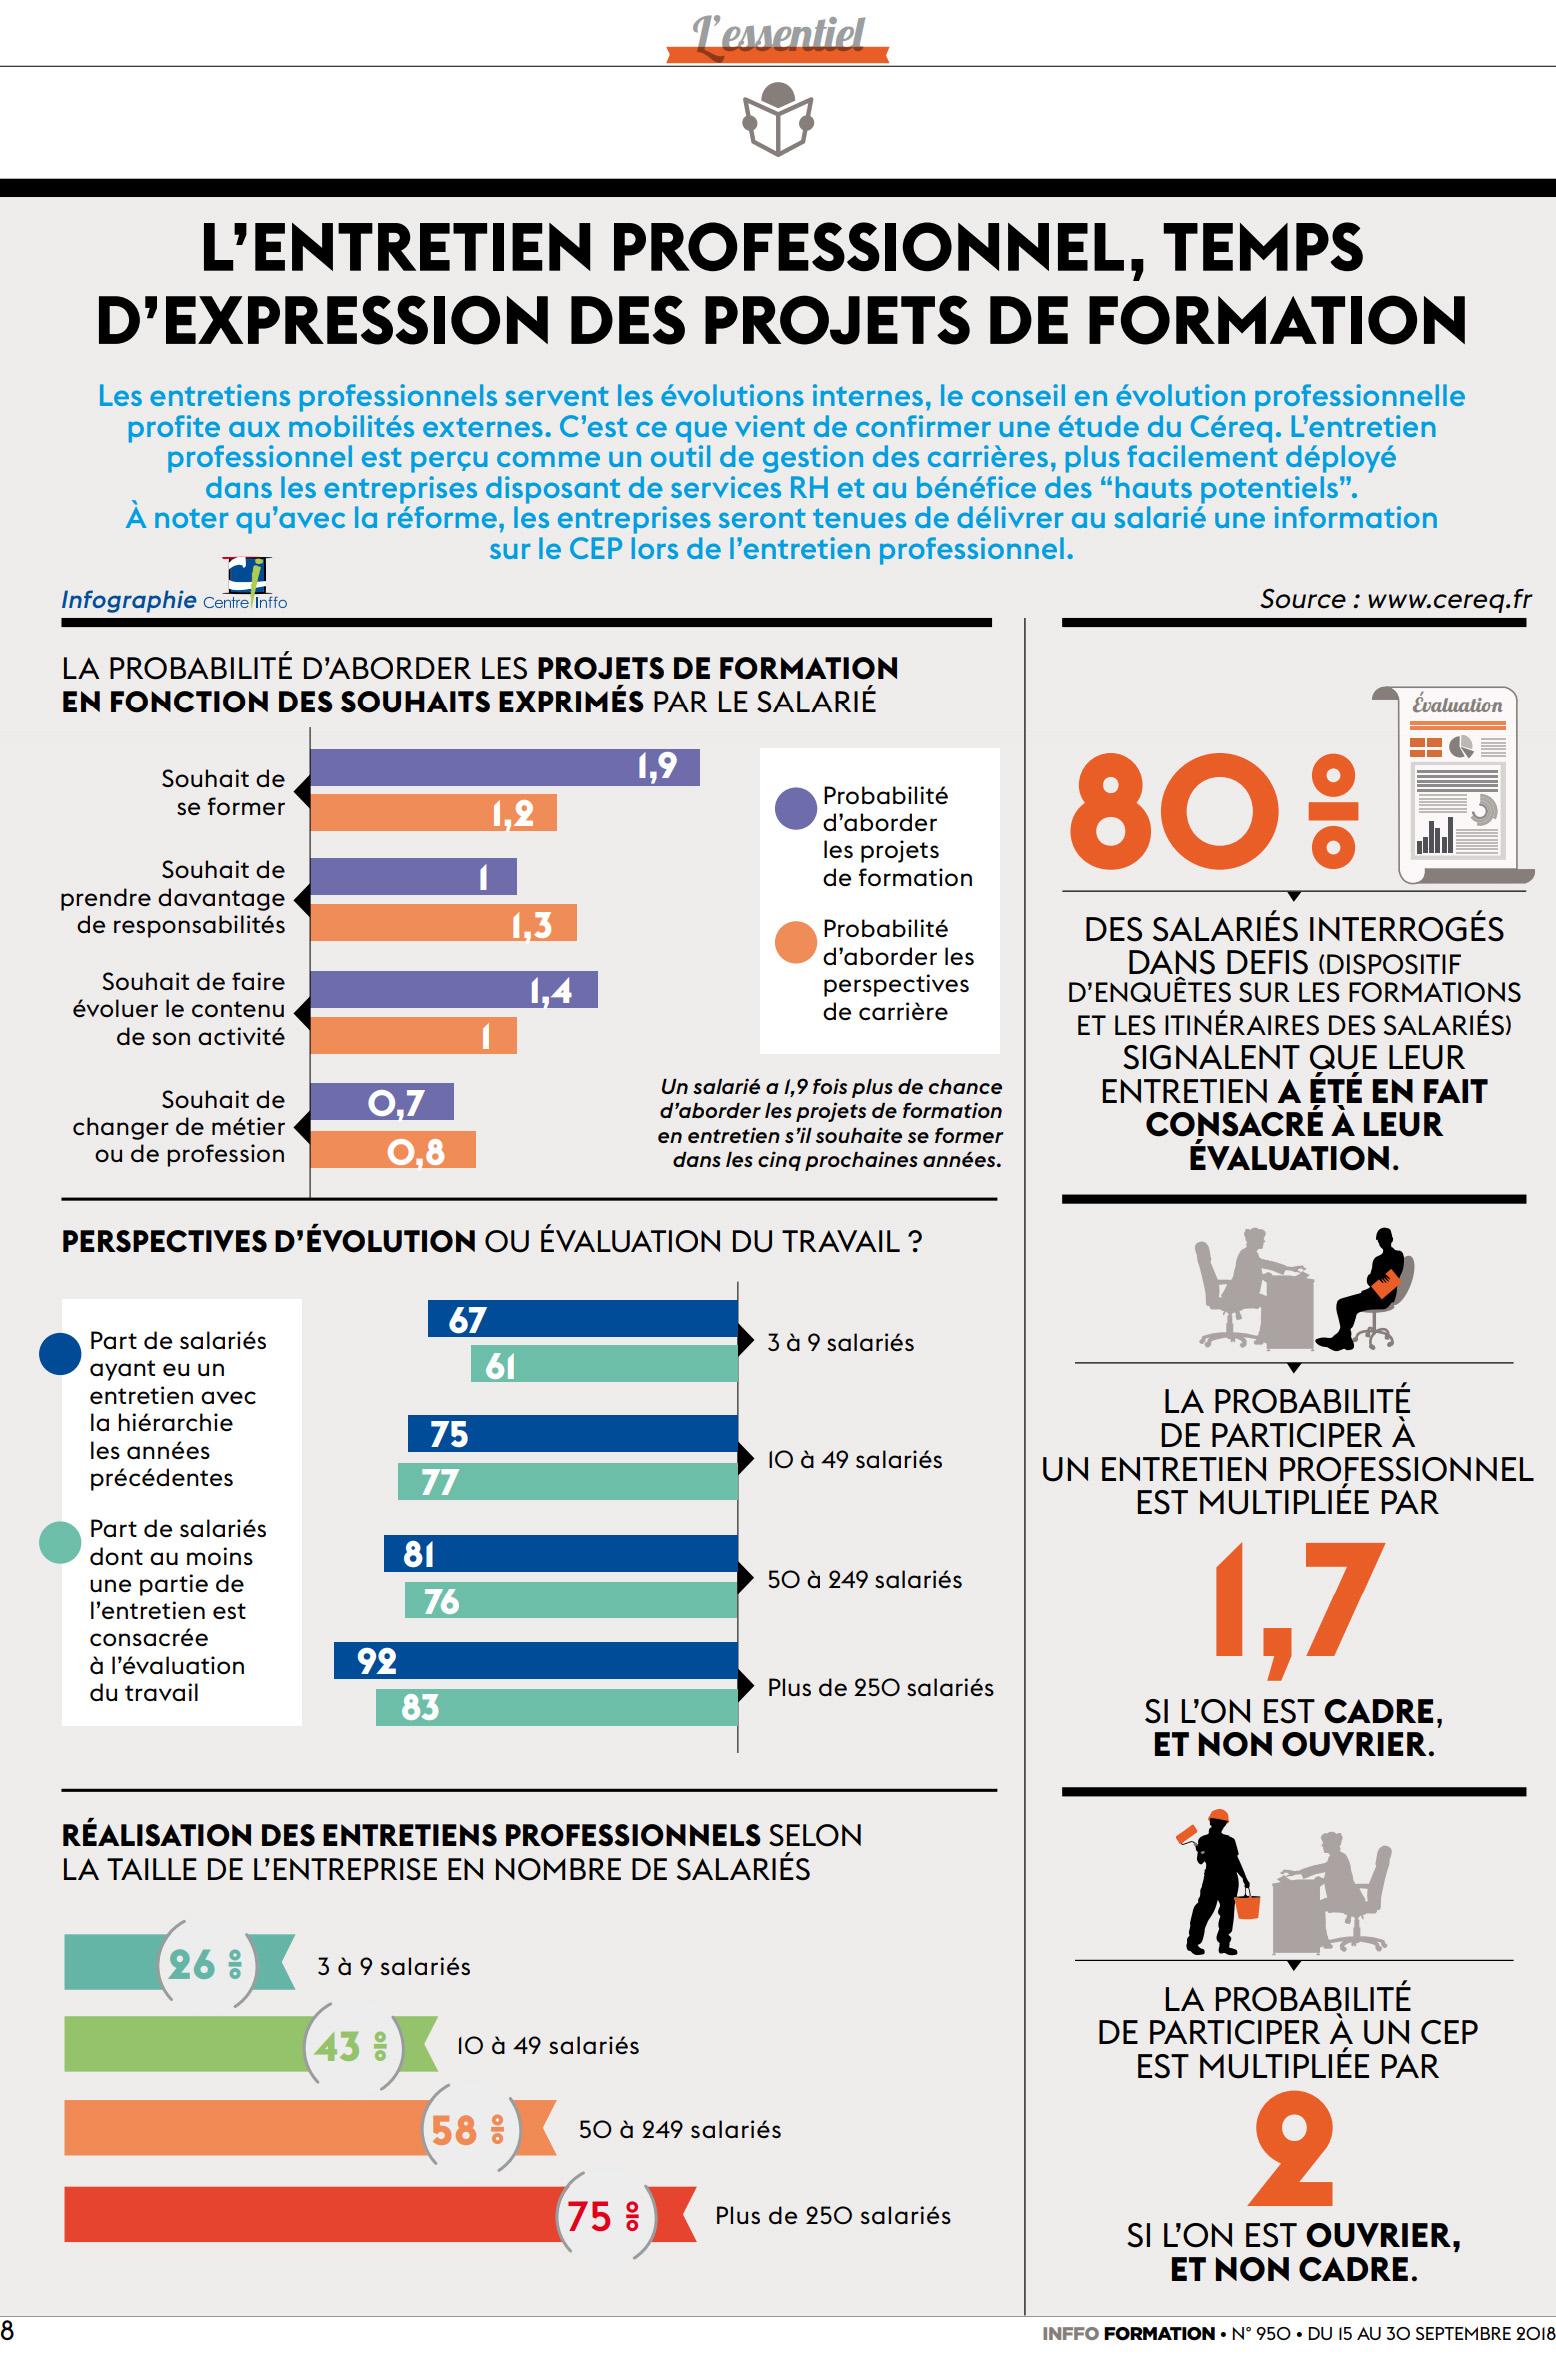 infographie entretien professionnel